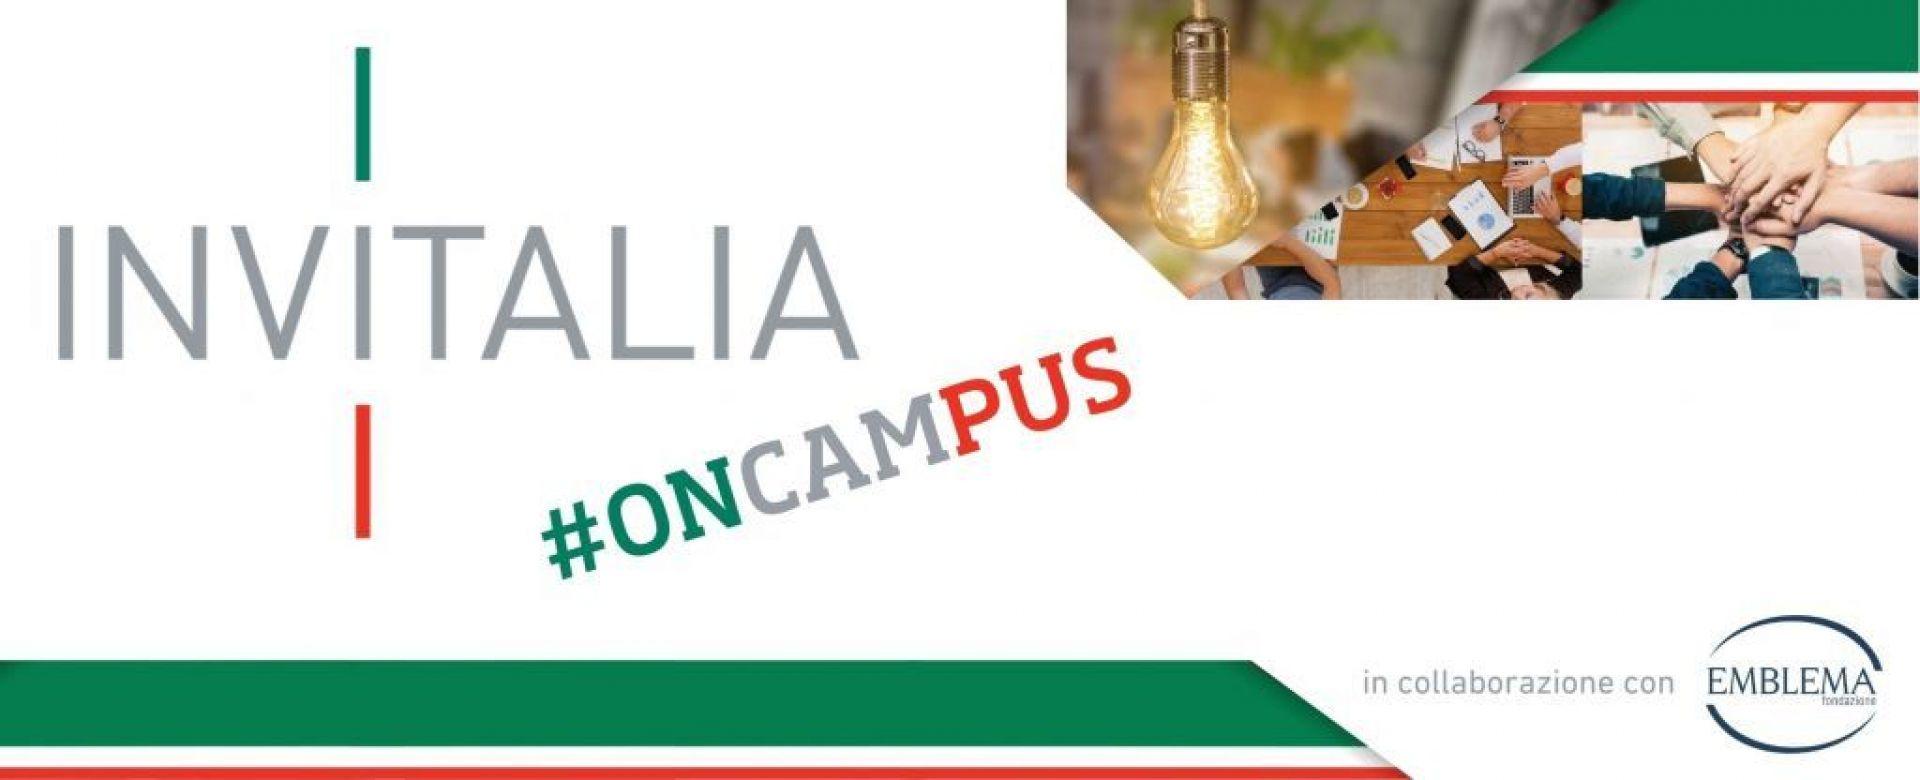 20.12.2020 - Invitalia #oncampus